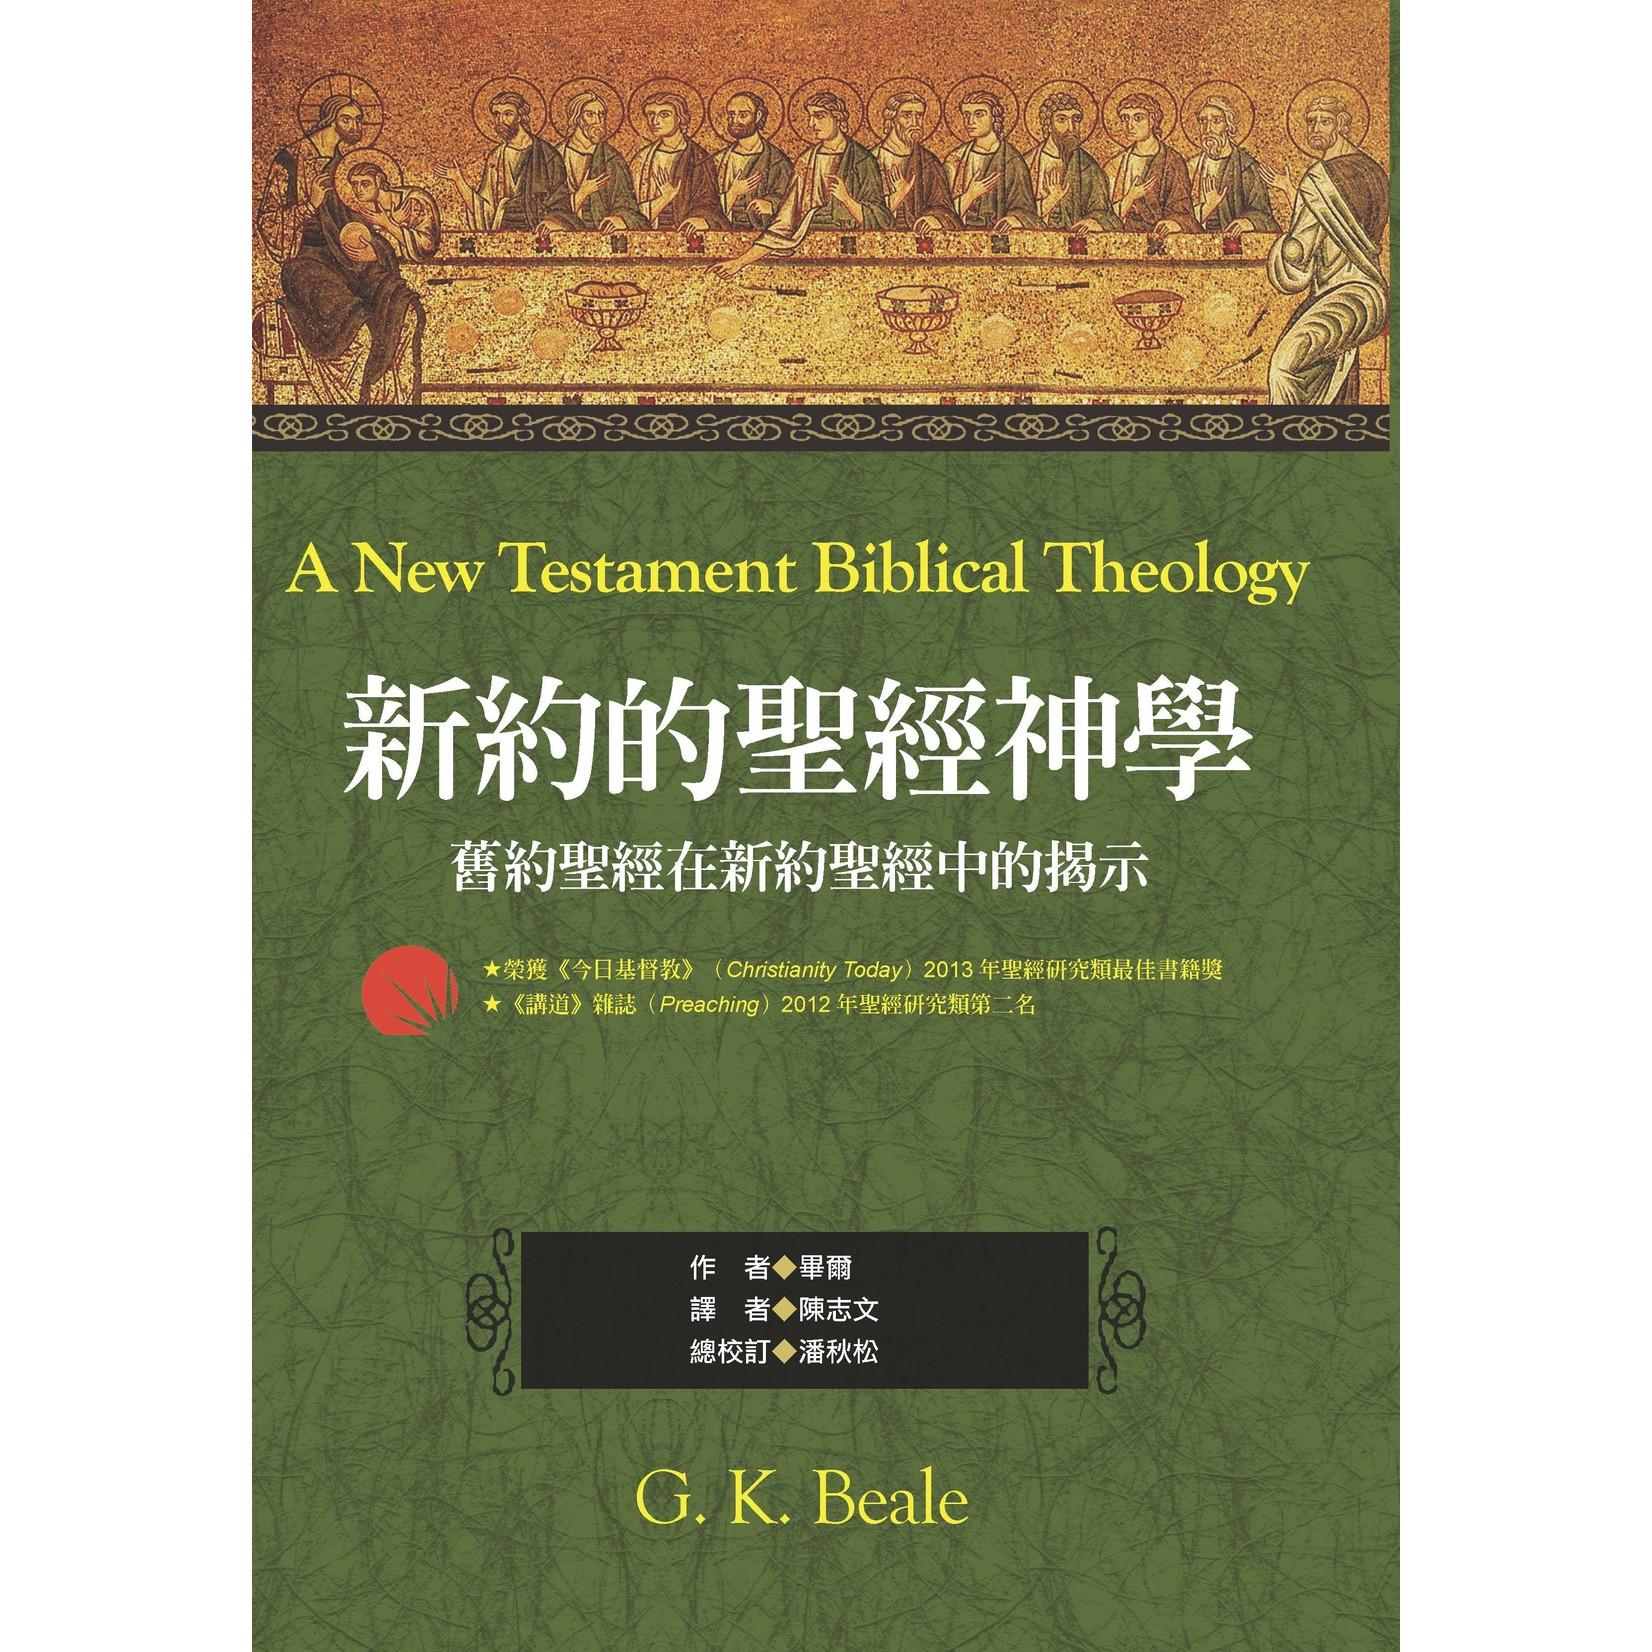 美國麥種傳道會 AKOWCM 新約的聖經神學:舊約聖經在新約聖經中的揭示 A New Testament Biblical Theology